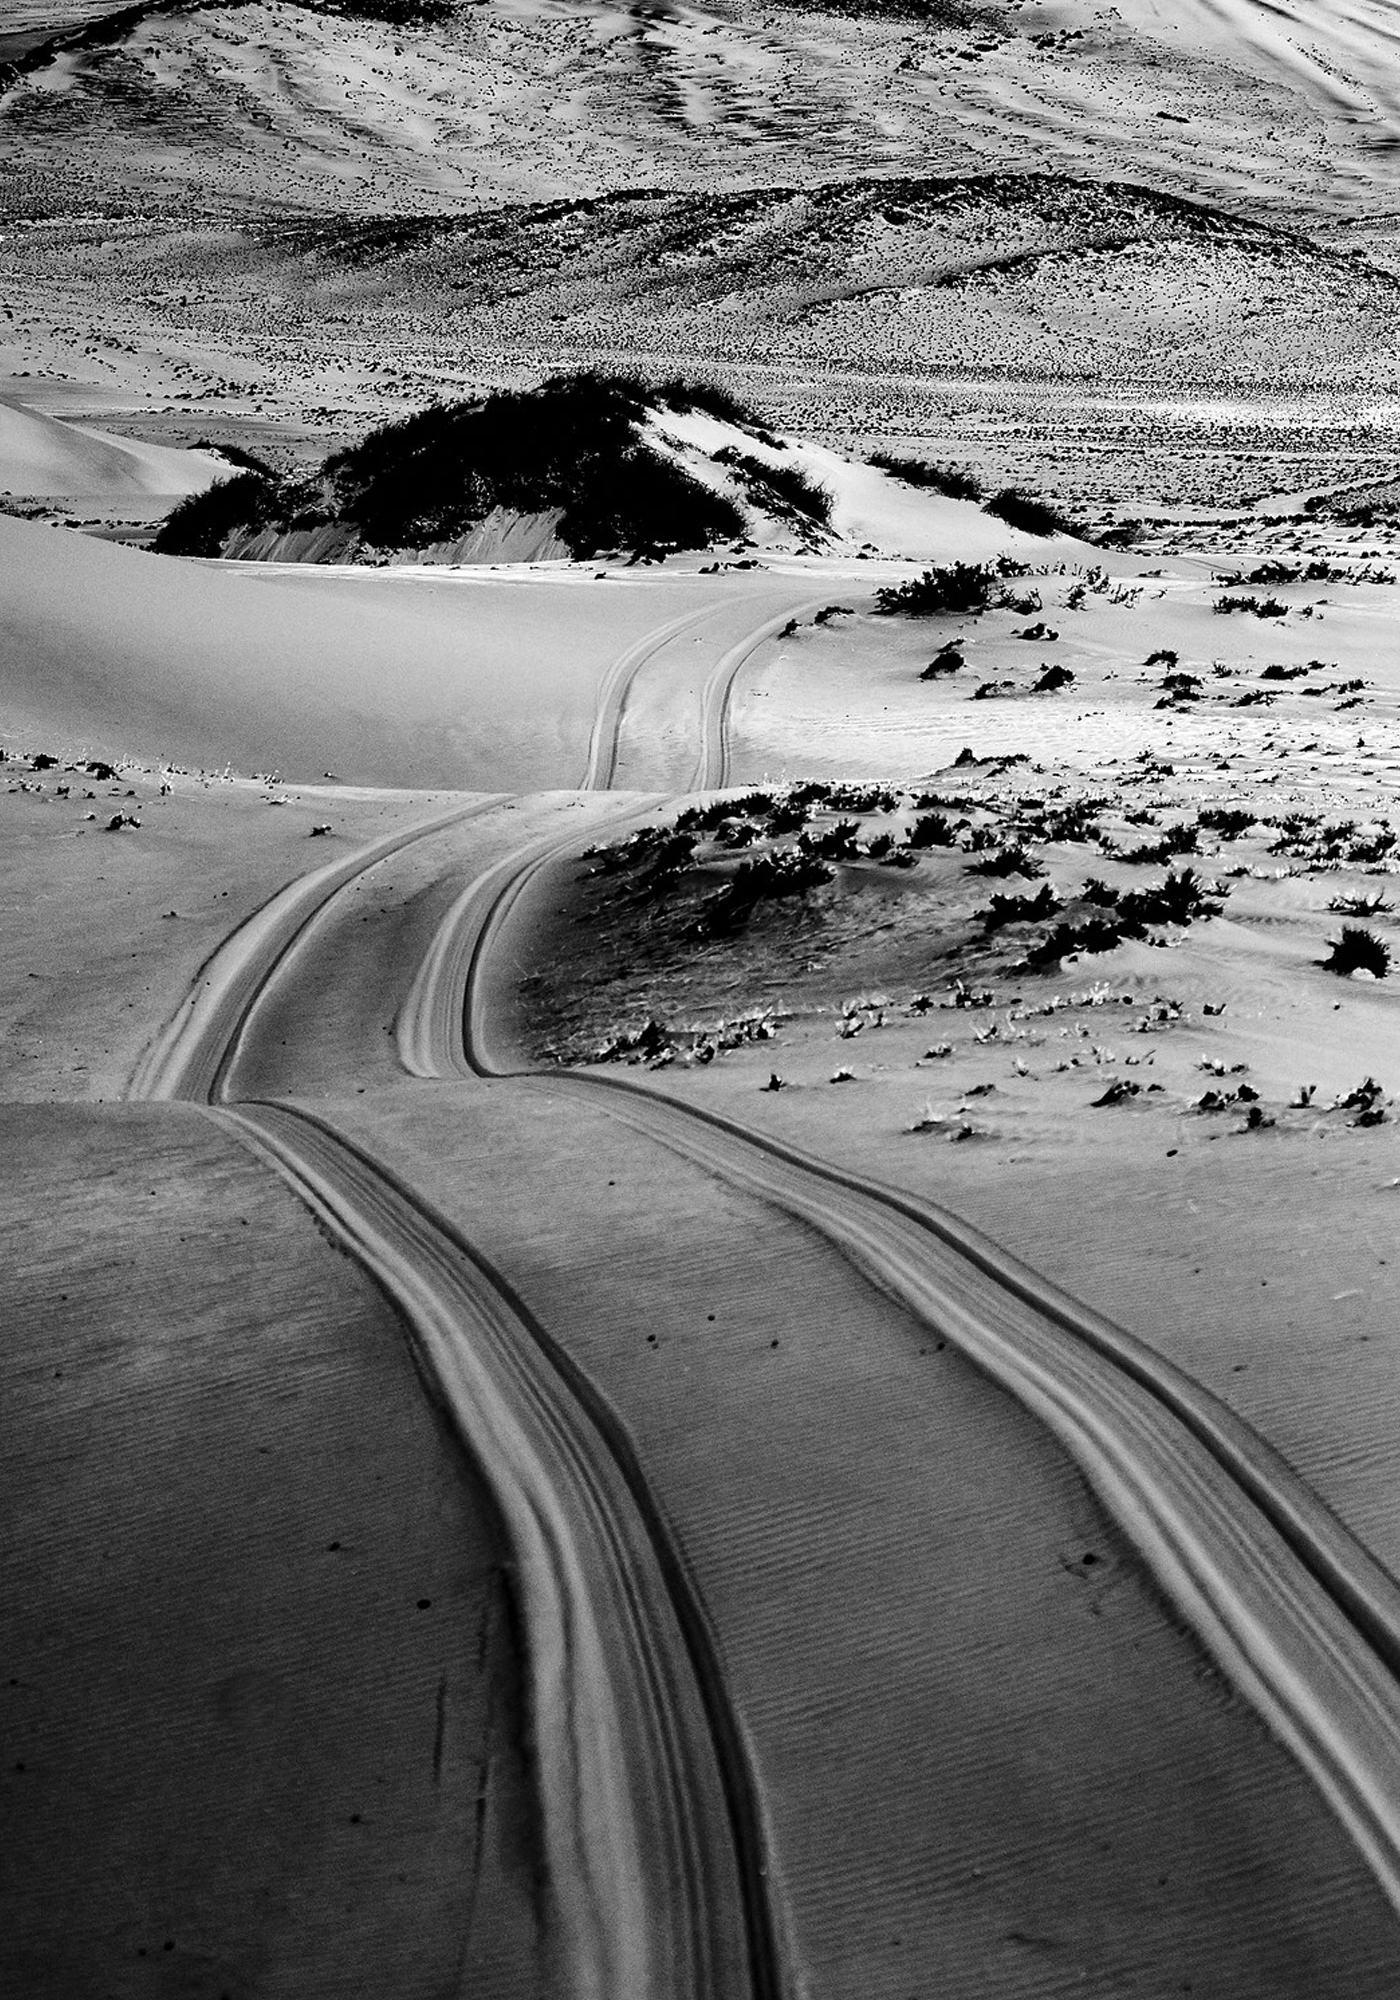 Adrian Gaut Photographie Voyage Afrique Condé Nast Traveler